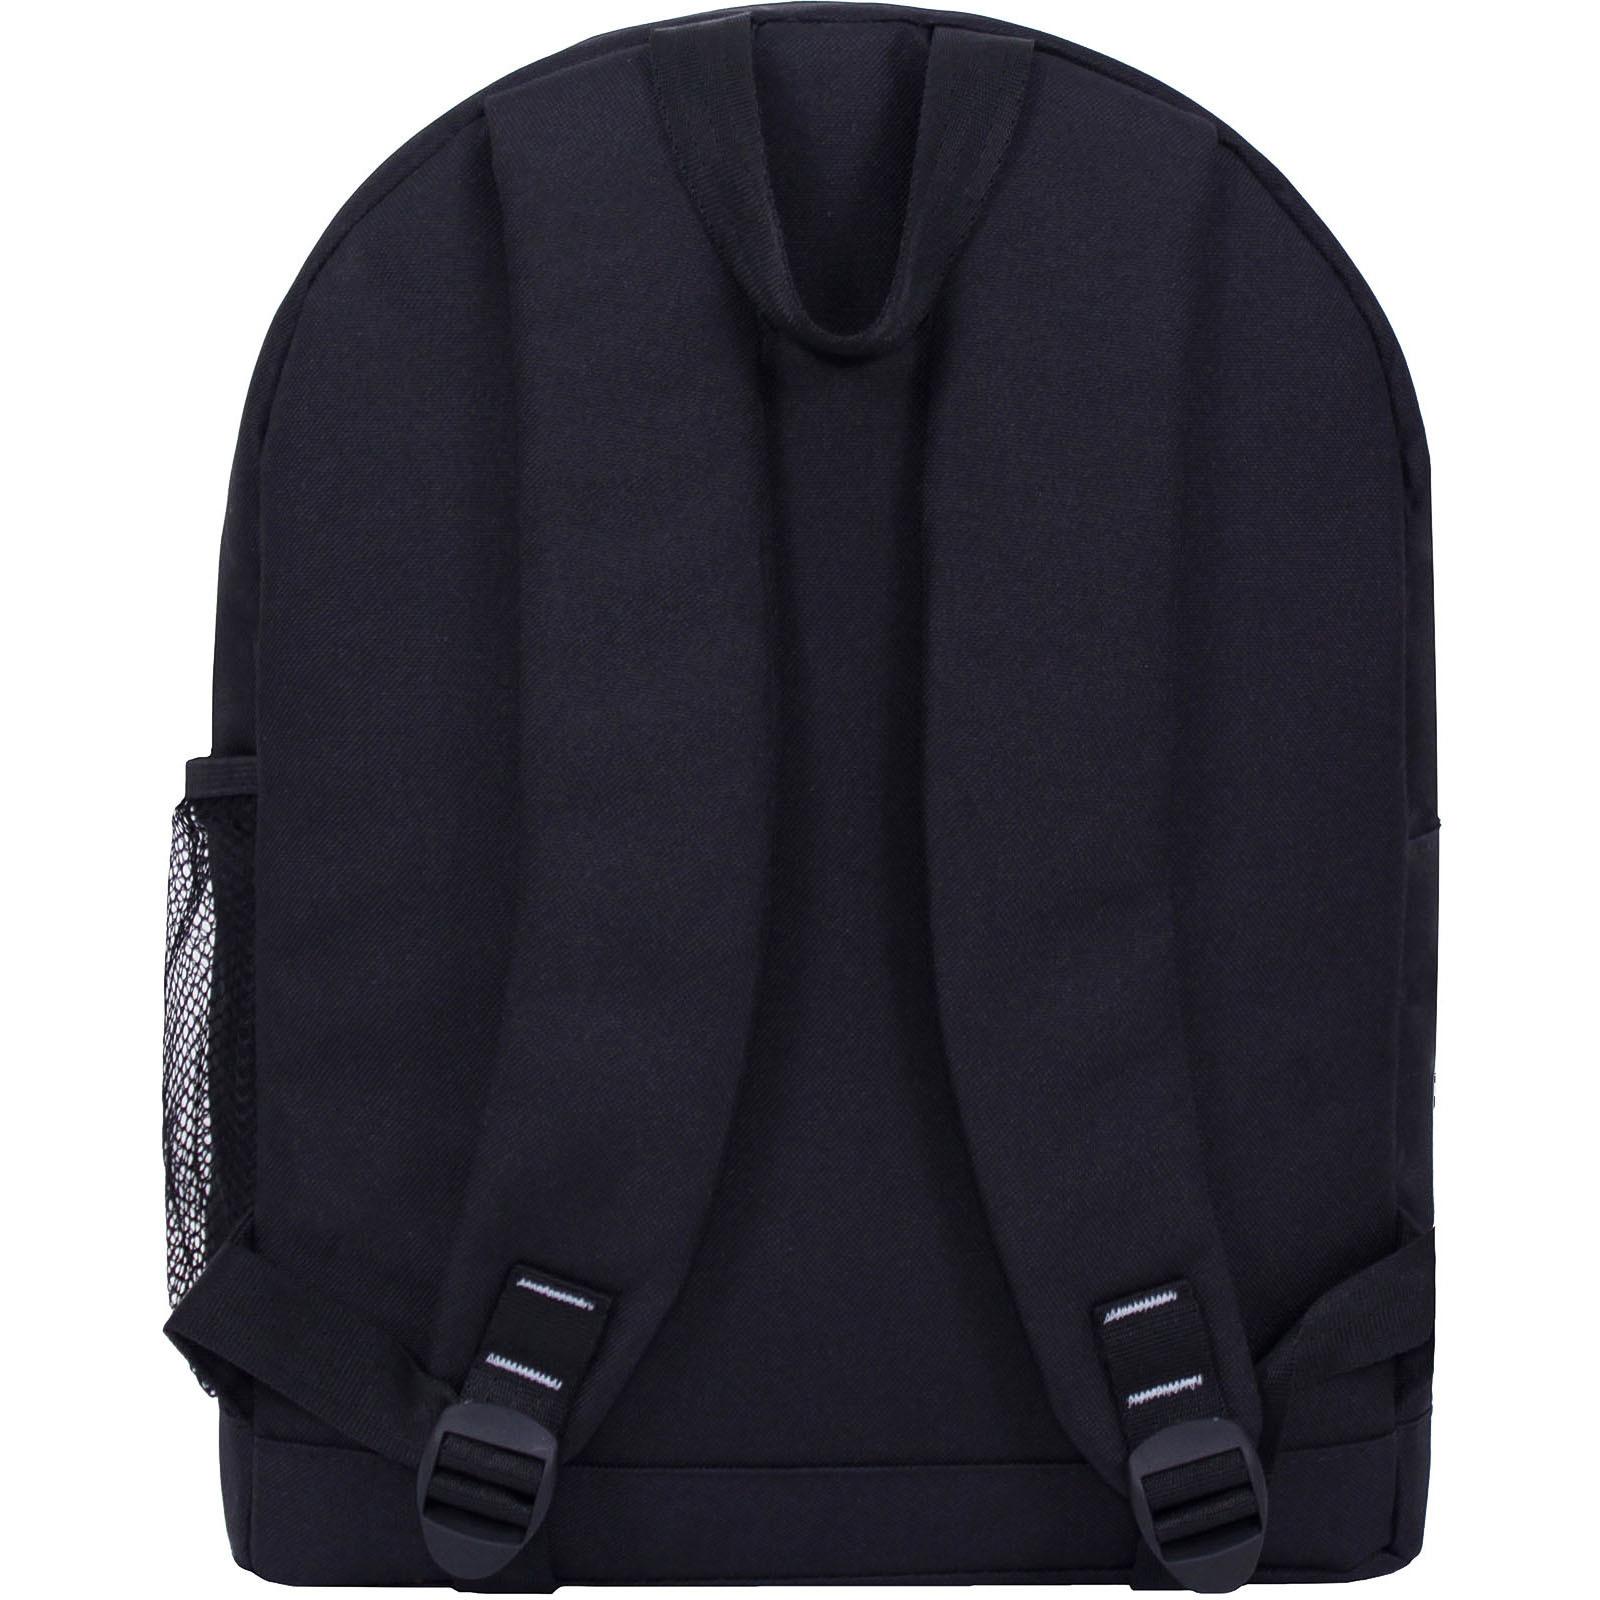 Рюкзак Bagland Молодежный W/R 17 л. черный 447 (00533662) фото 3